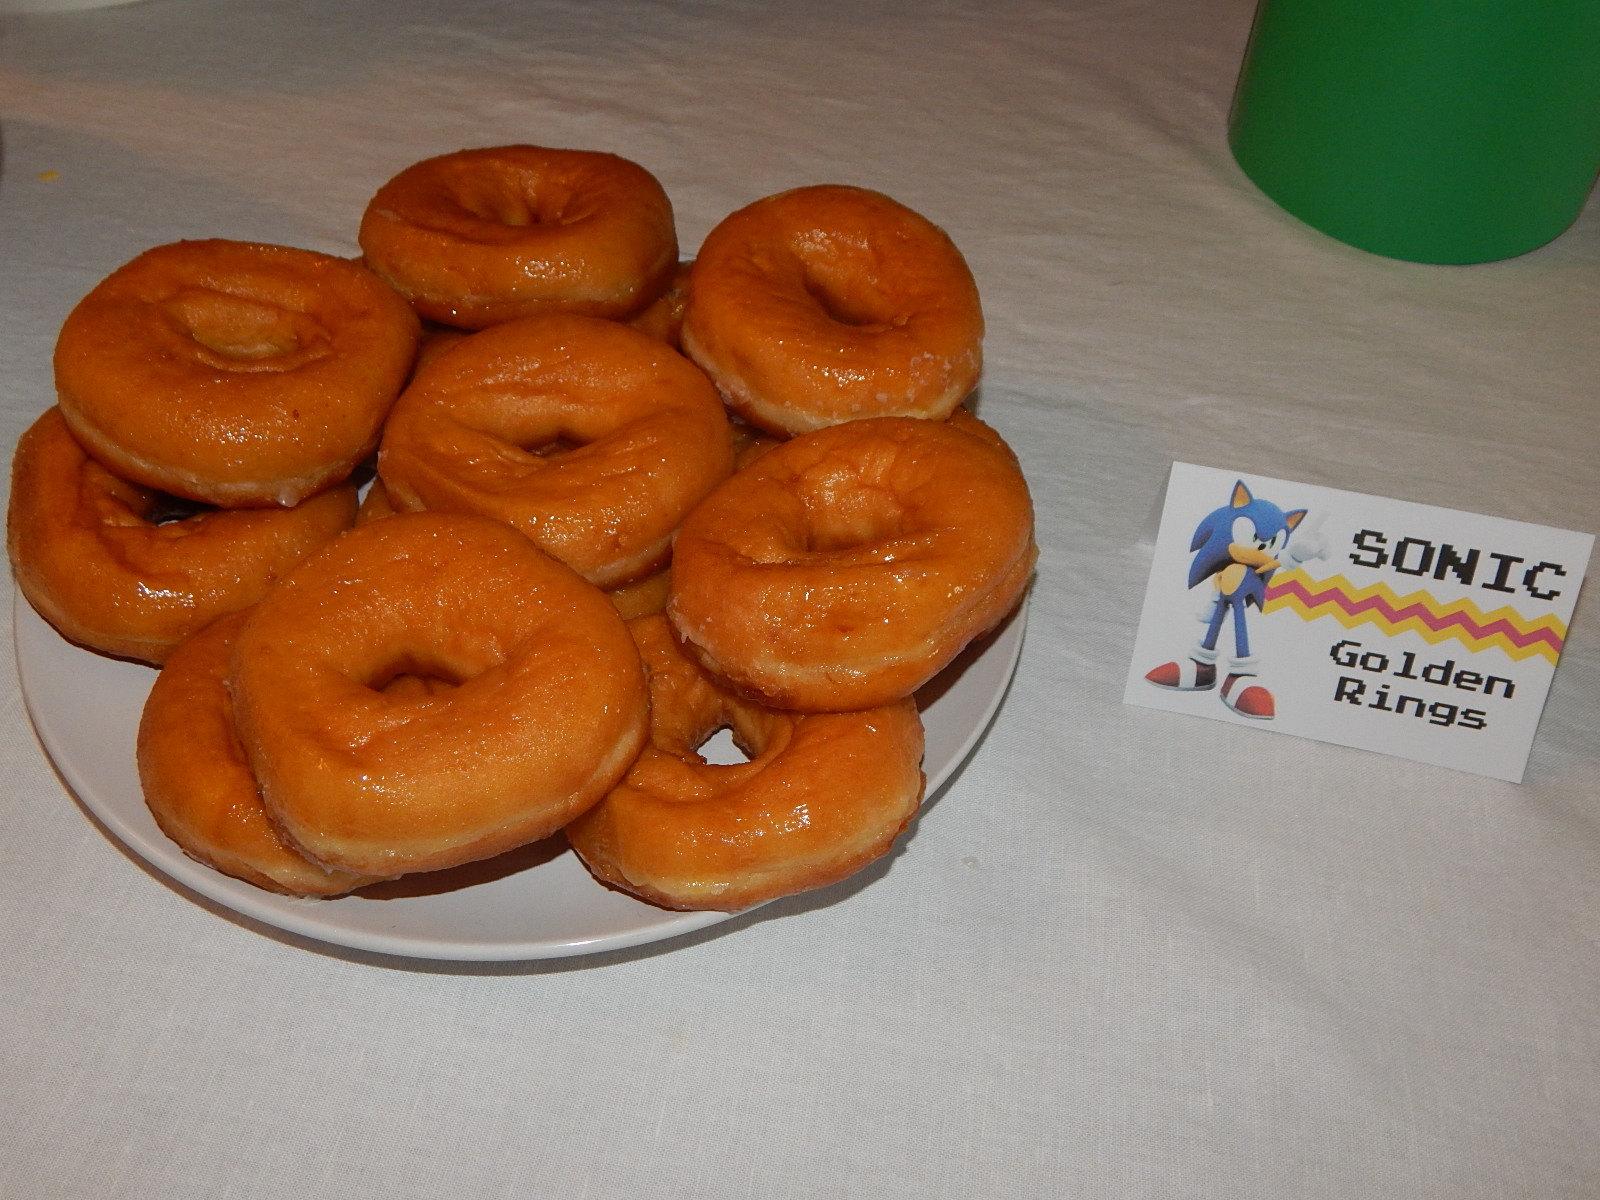 Sonics Golden Rings